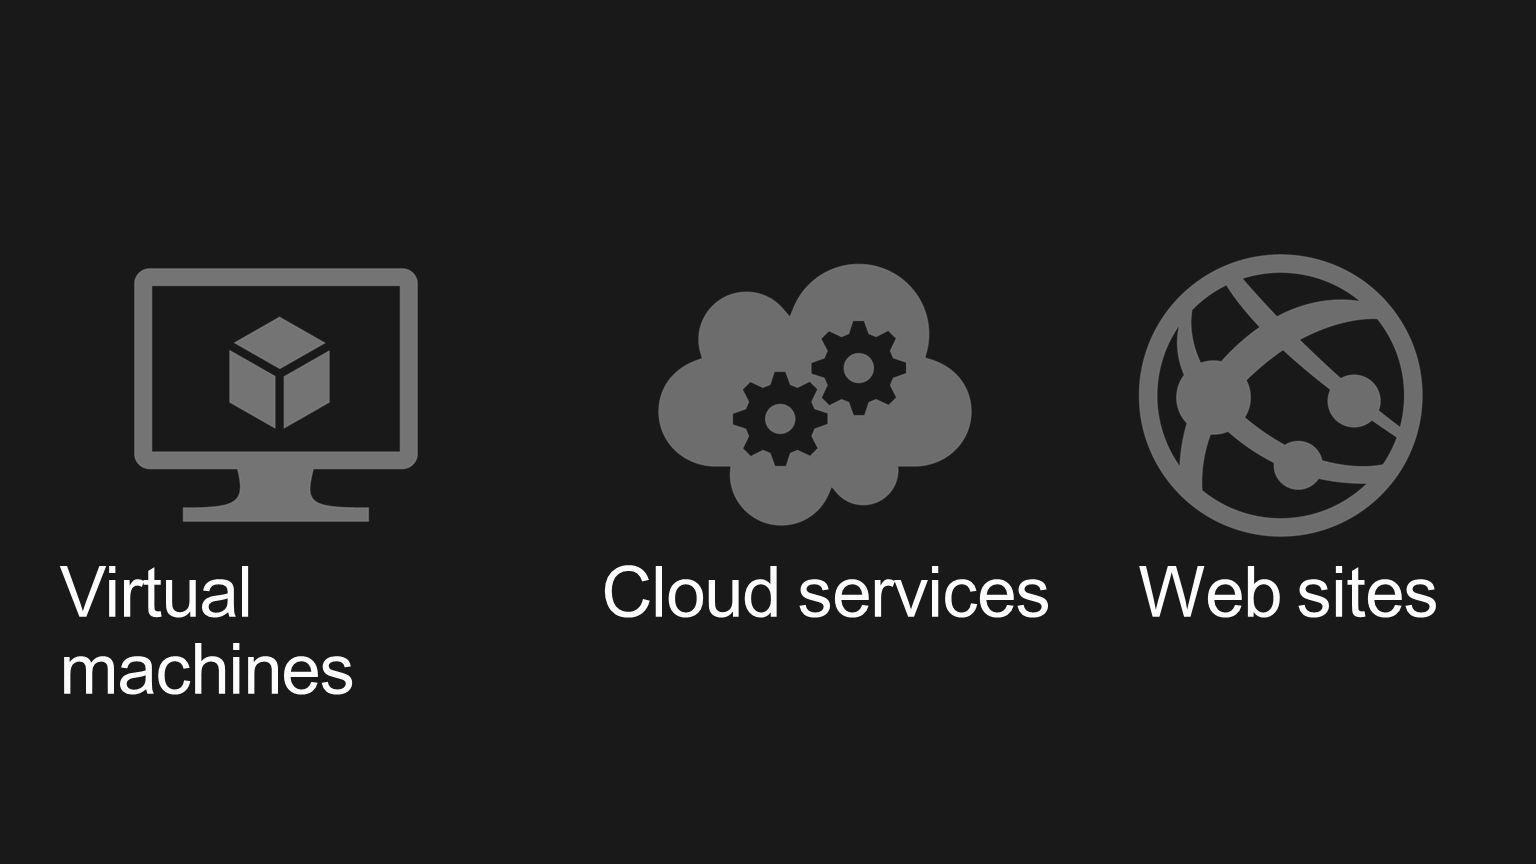 Virtual machines Cloud services Web sites